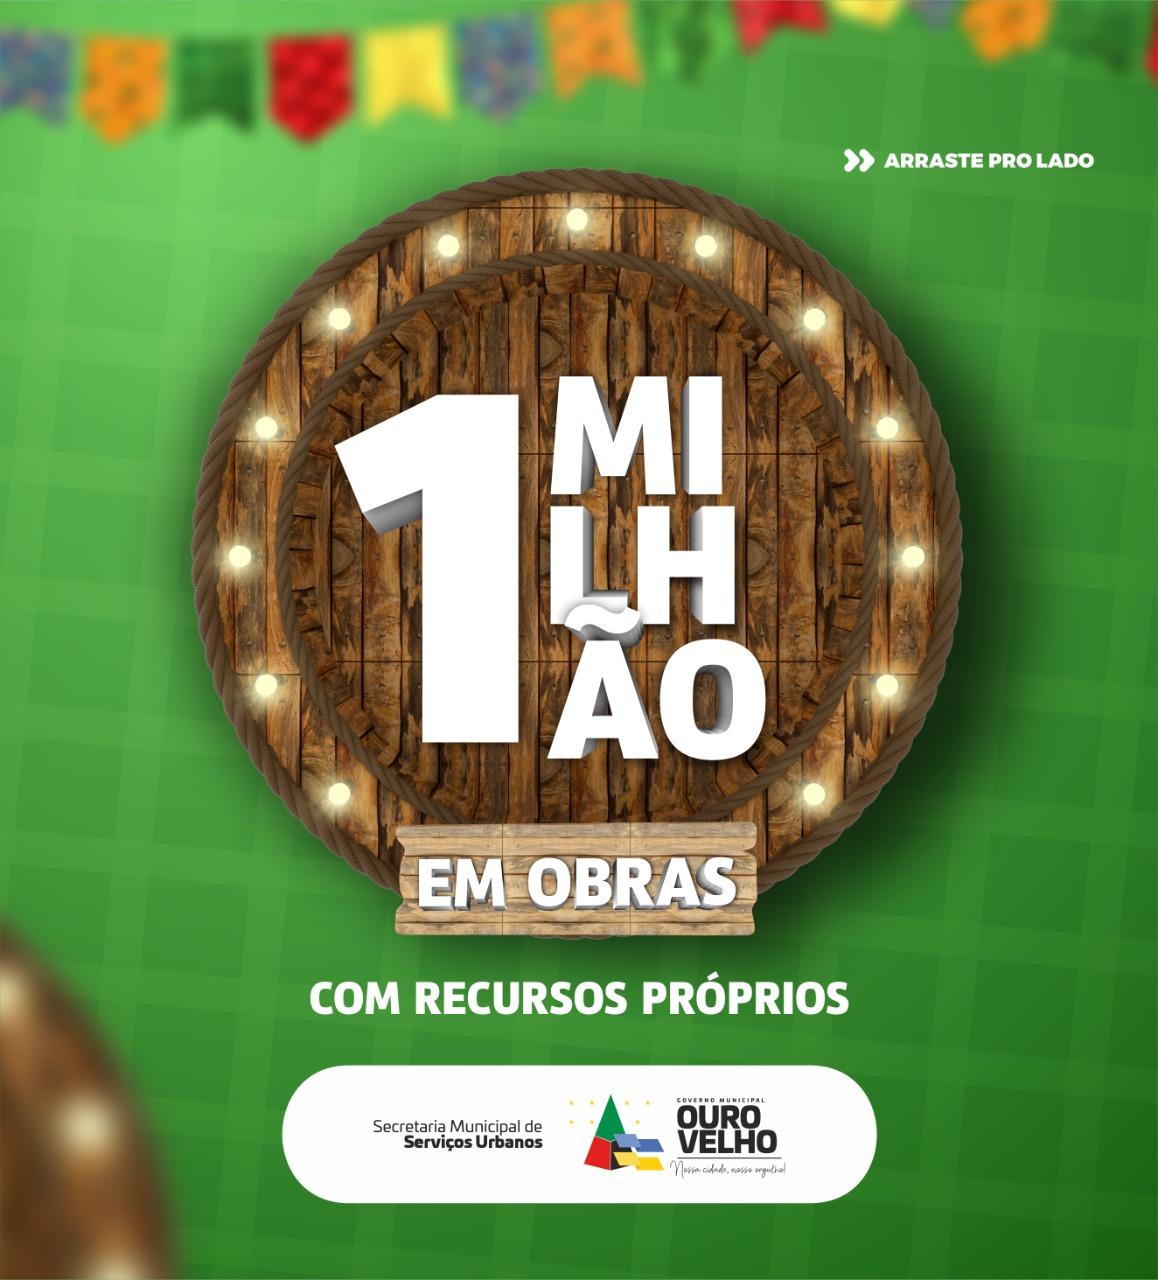 Em menos de 6 meses de gestão, prefeito Augusto Valadares lança pacote de obras que somam R$ 1 milhão